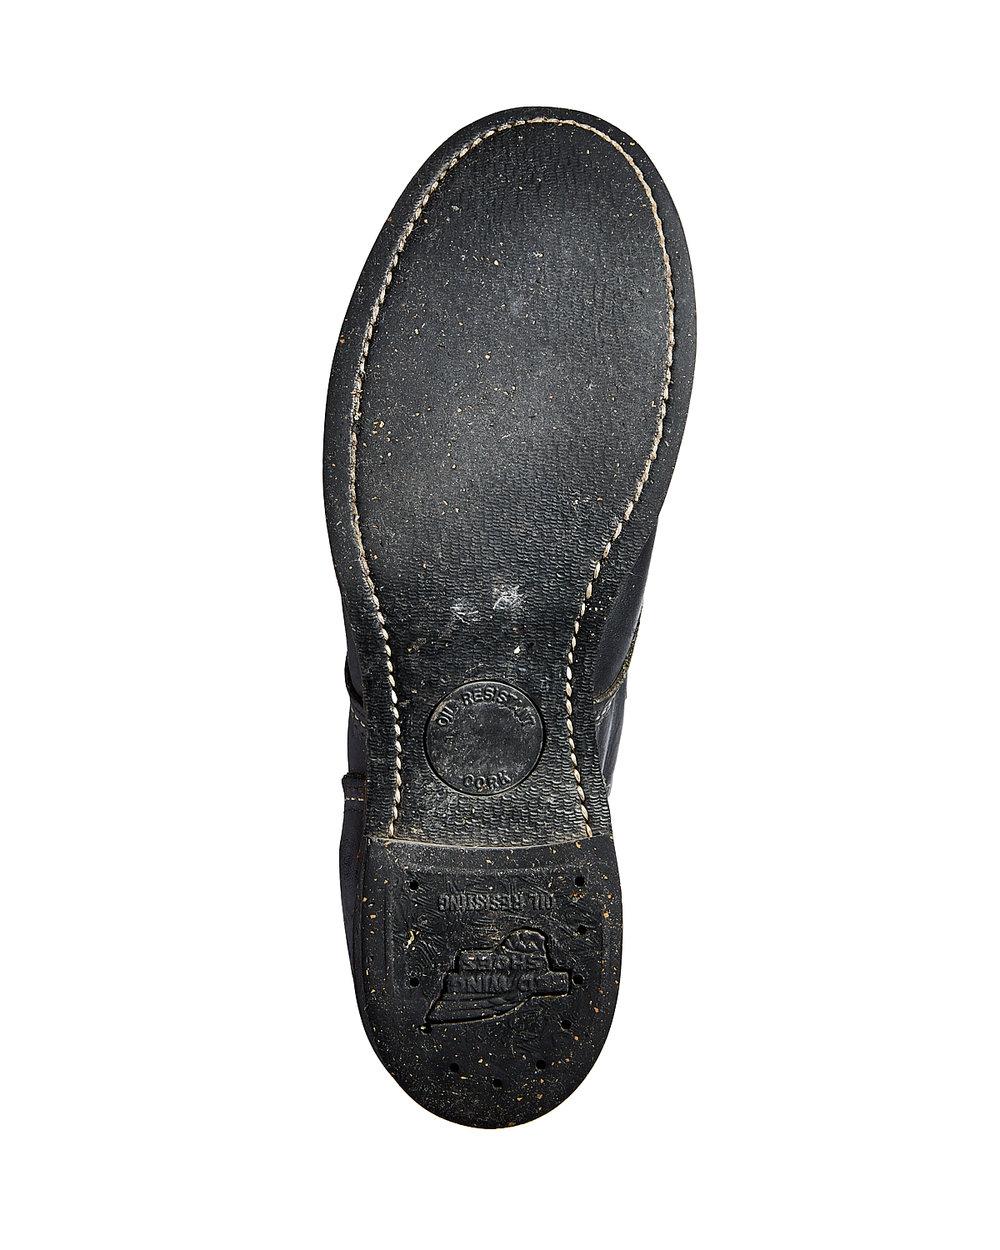 SOLES_RED_WING_18520.jpg